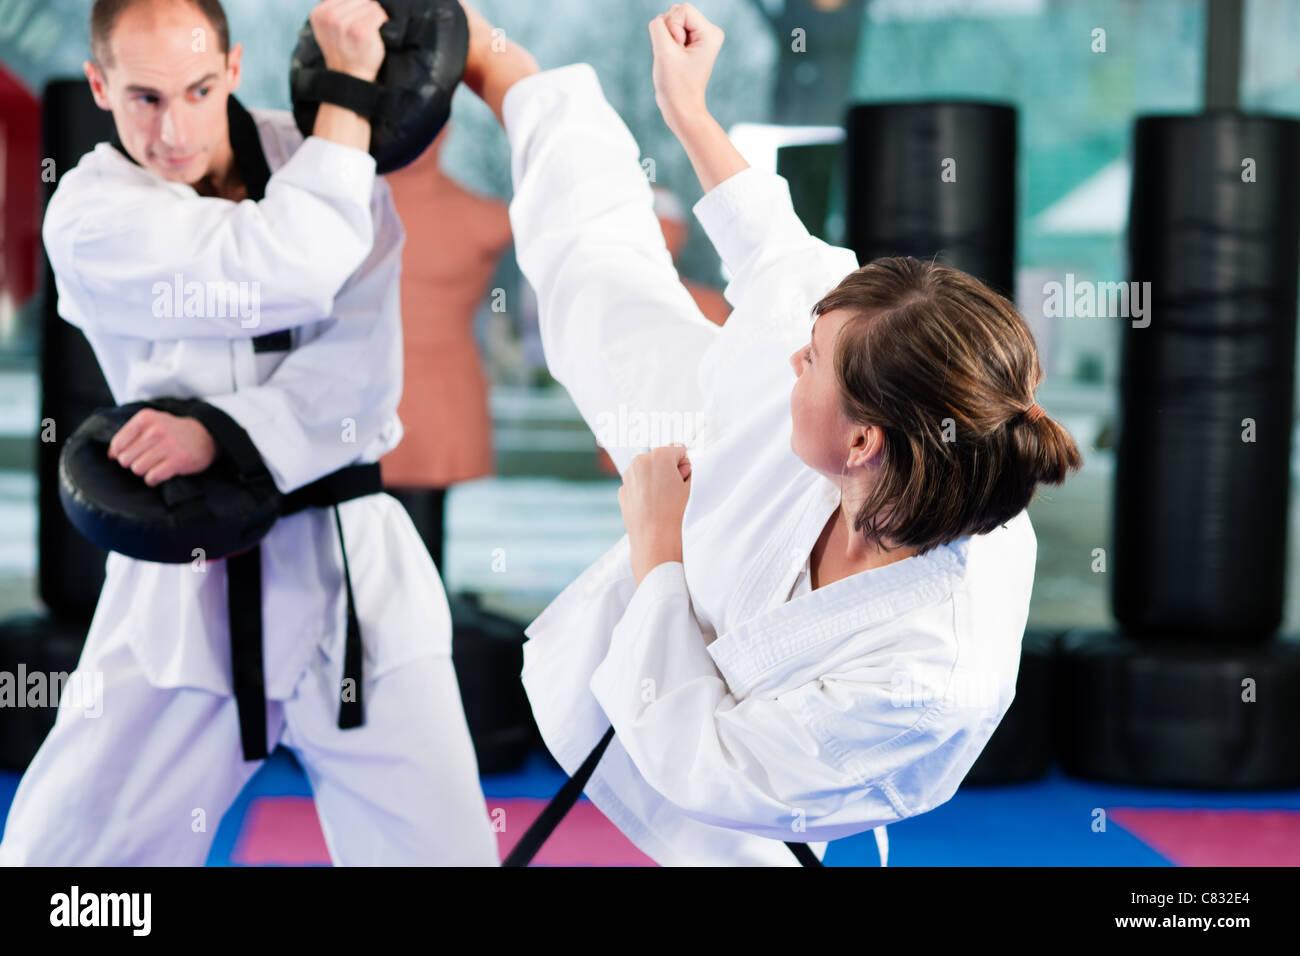 Persone nella palestra di arti marziali formazione esercizio Taekwondo, hanno entrambi una cintura nera Immagini Stock